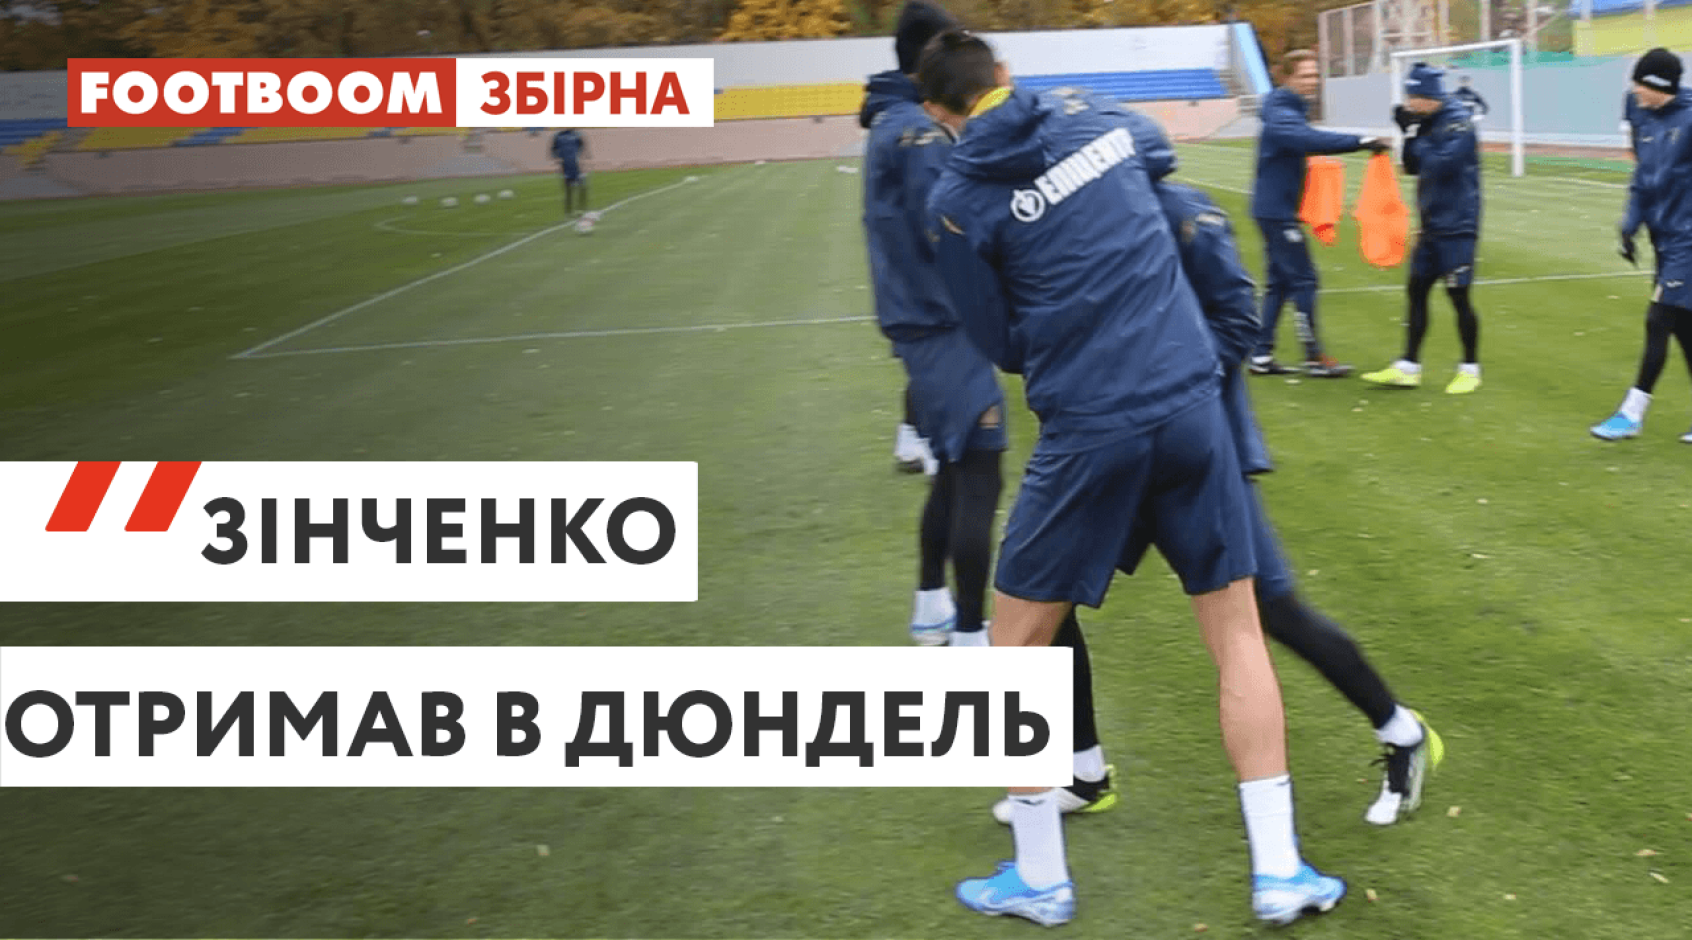 Зінченко отримав в дюндель (Відео)